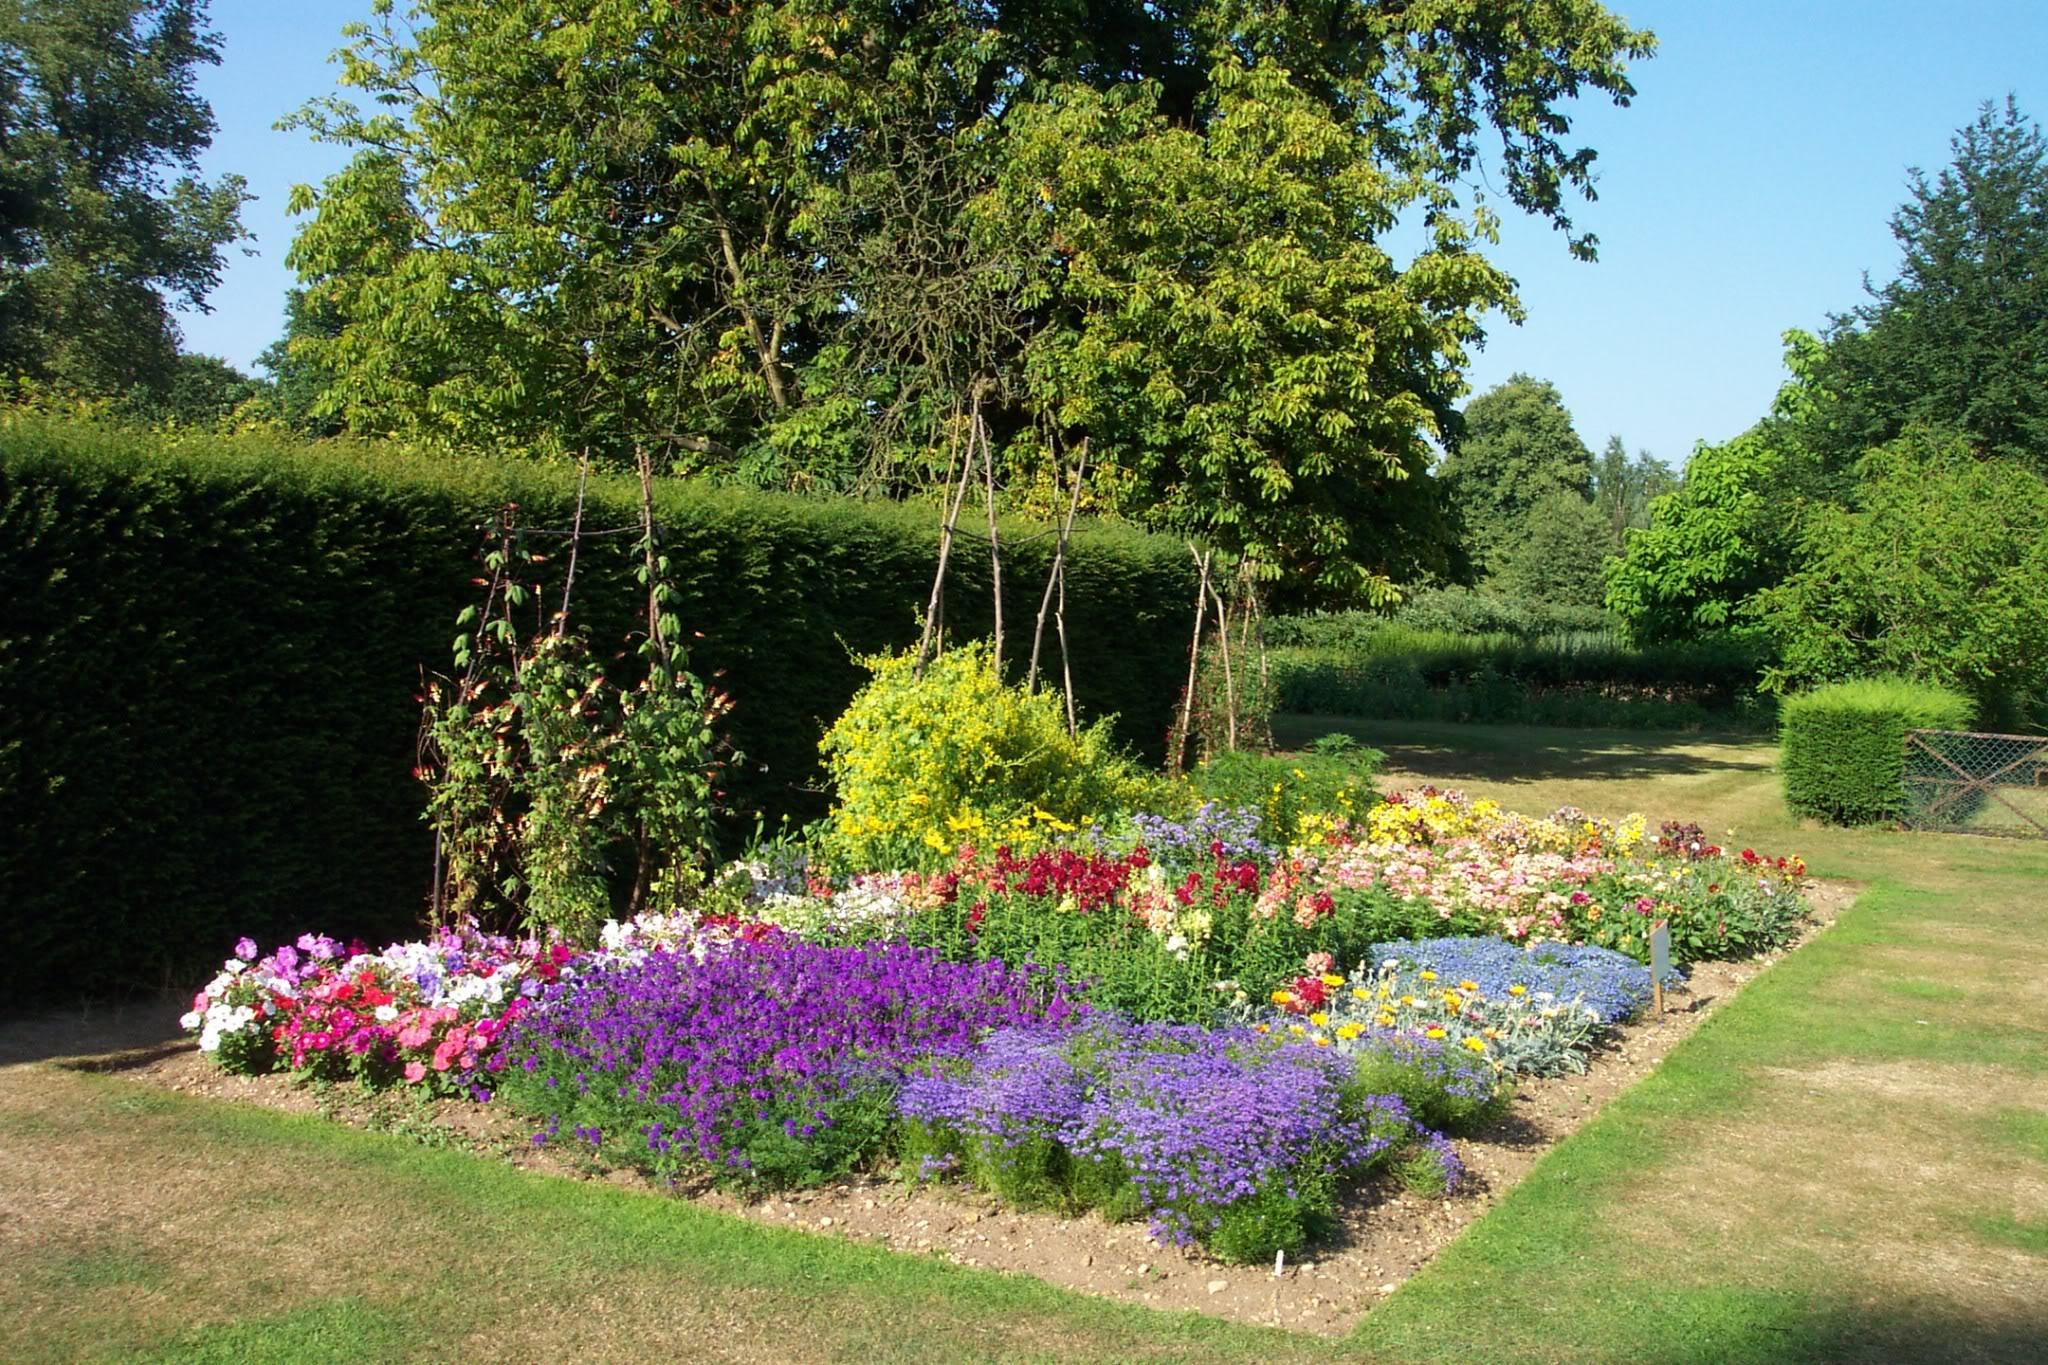 Giardino d 39 erba prato bordure ben delimitate vi va di - Cosa mettere al posto dell erba in giardino ...